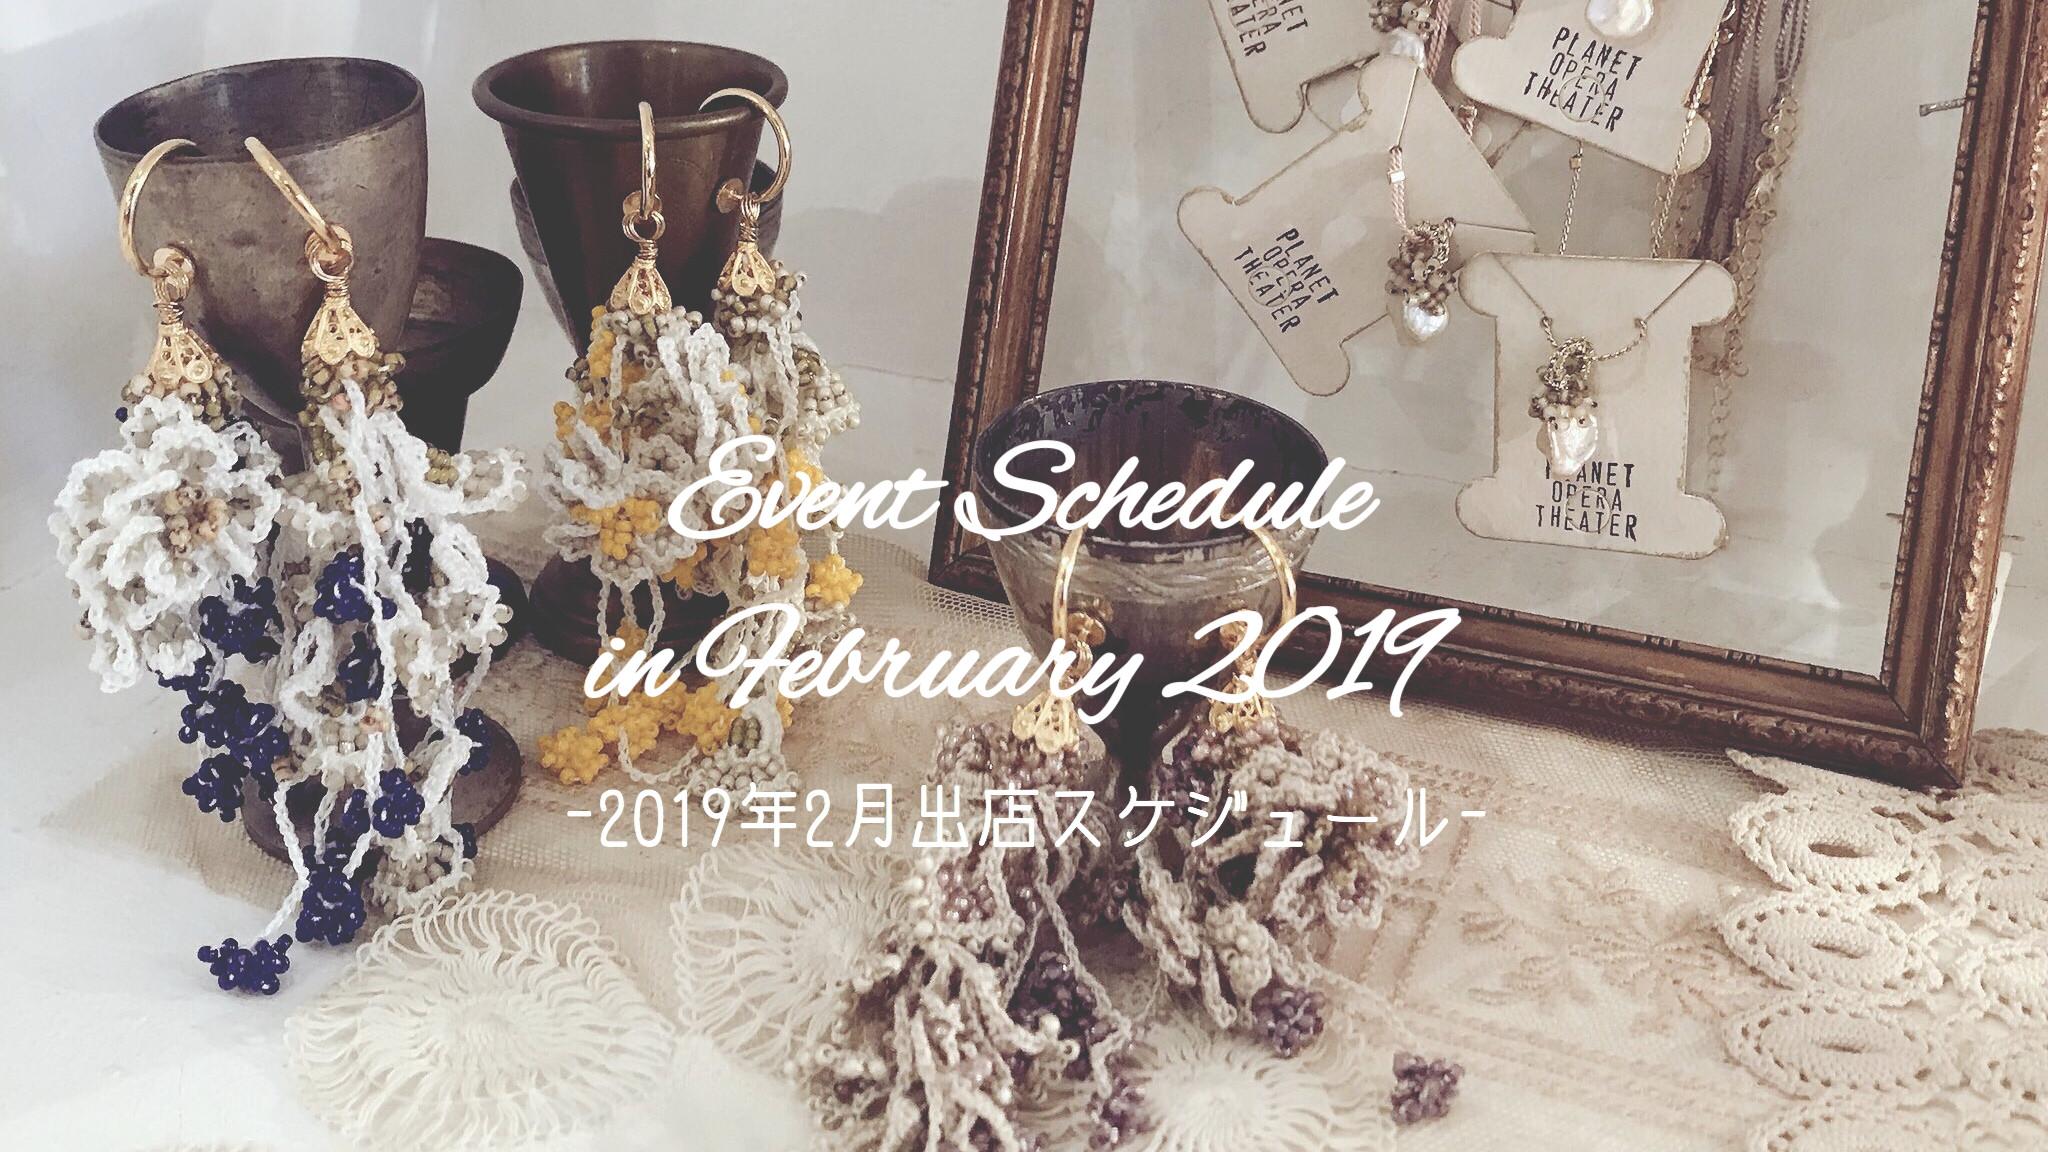 【EVENT INFORMATION】2月の出店スケジュール